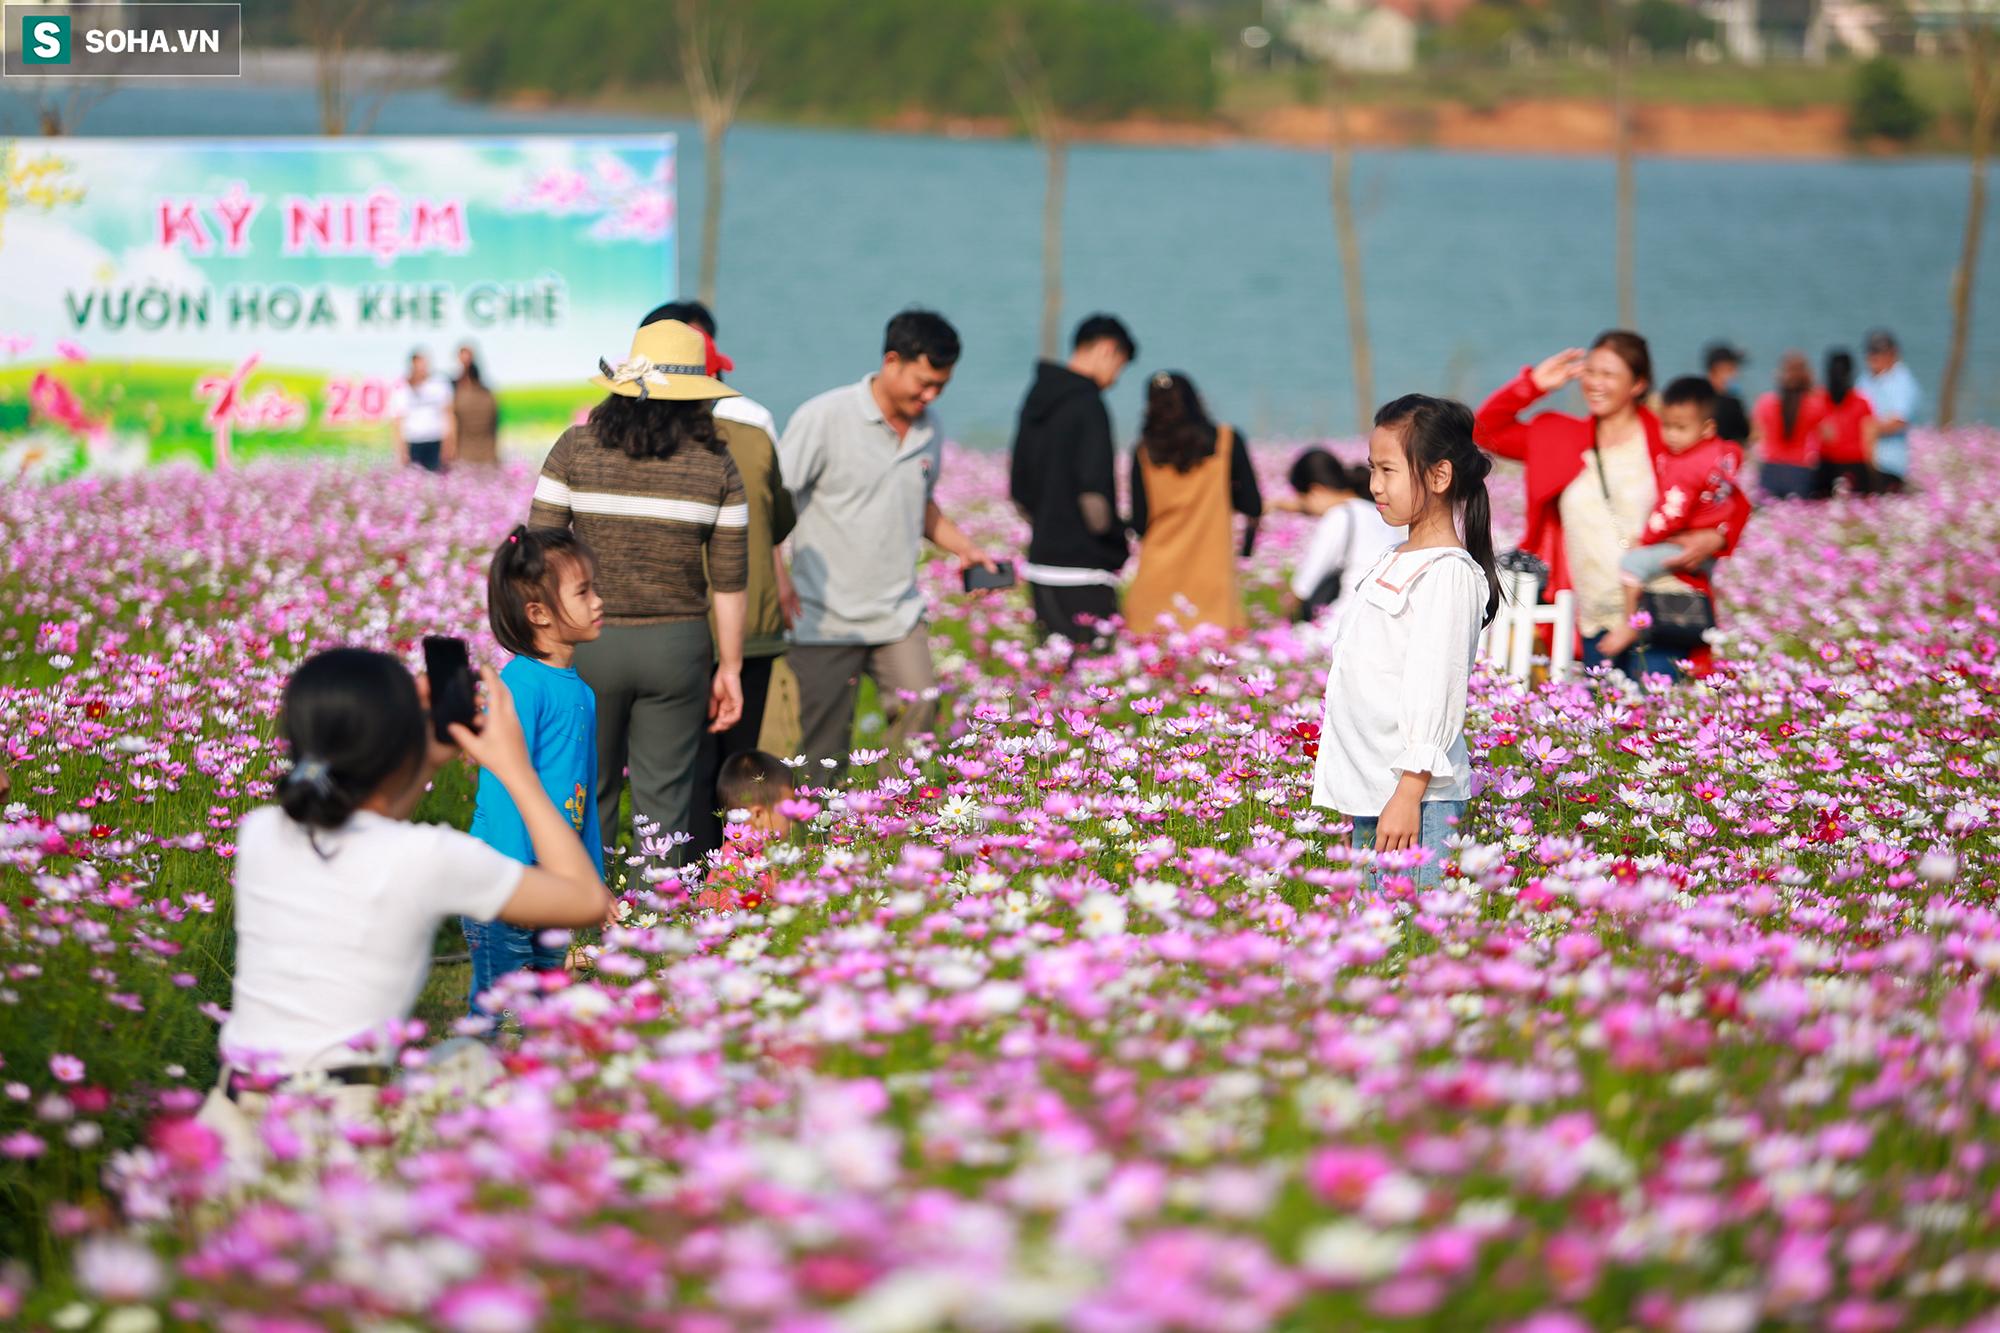 Mê mẩn cánh đồng hoa sao nhái đầy màu sắc được giới trẻ săn tìm để check-in ở Quảng Bình - Ảnh 15.